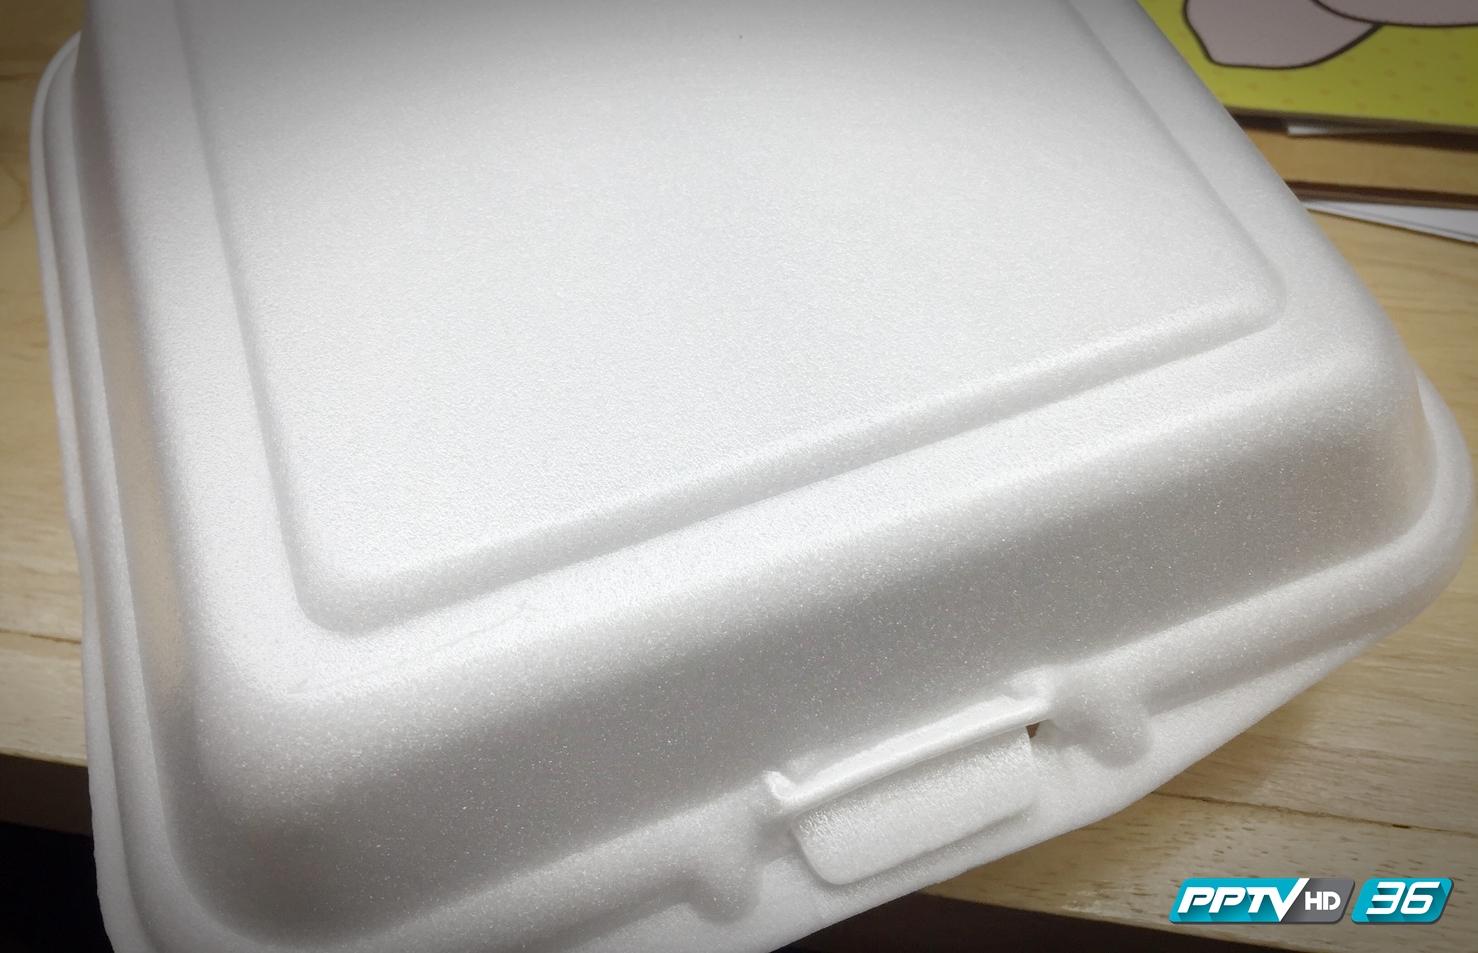 """กรมวิทยาศาสตร์การแพทย์ คอนเฟิร์ม.. โอกาส """"สไตรีนในกล่องโฟม"""" หลุดออกมาปนเปื้อนอาหารน้อยมาก"""